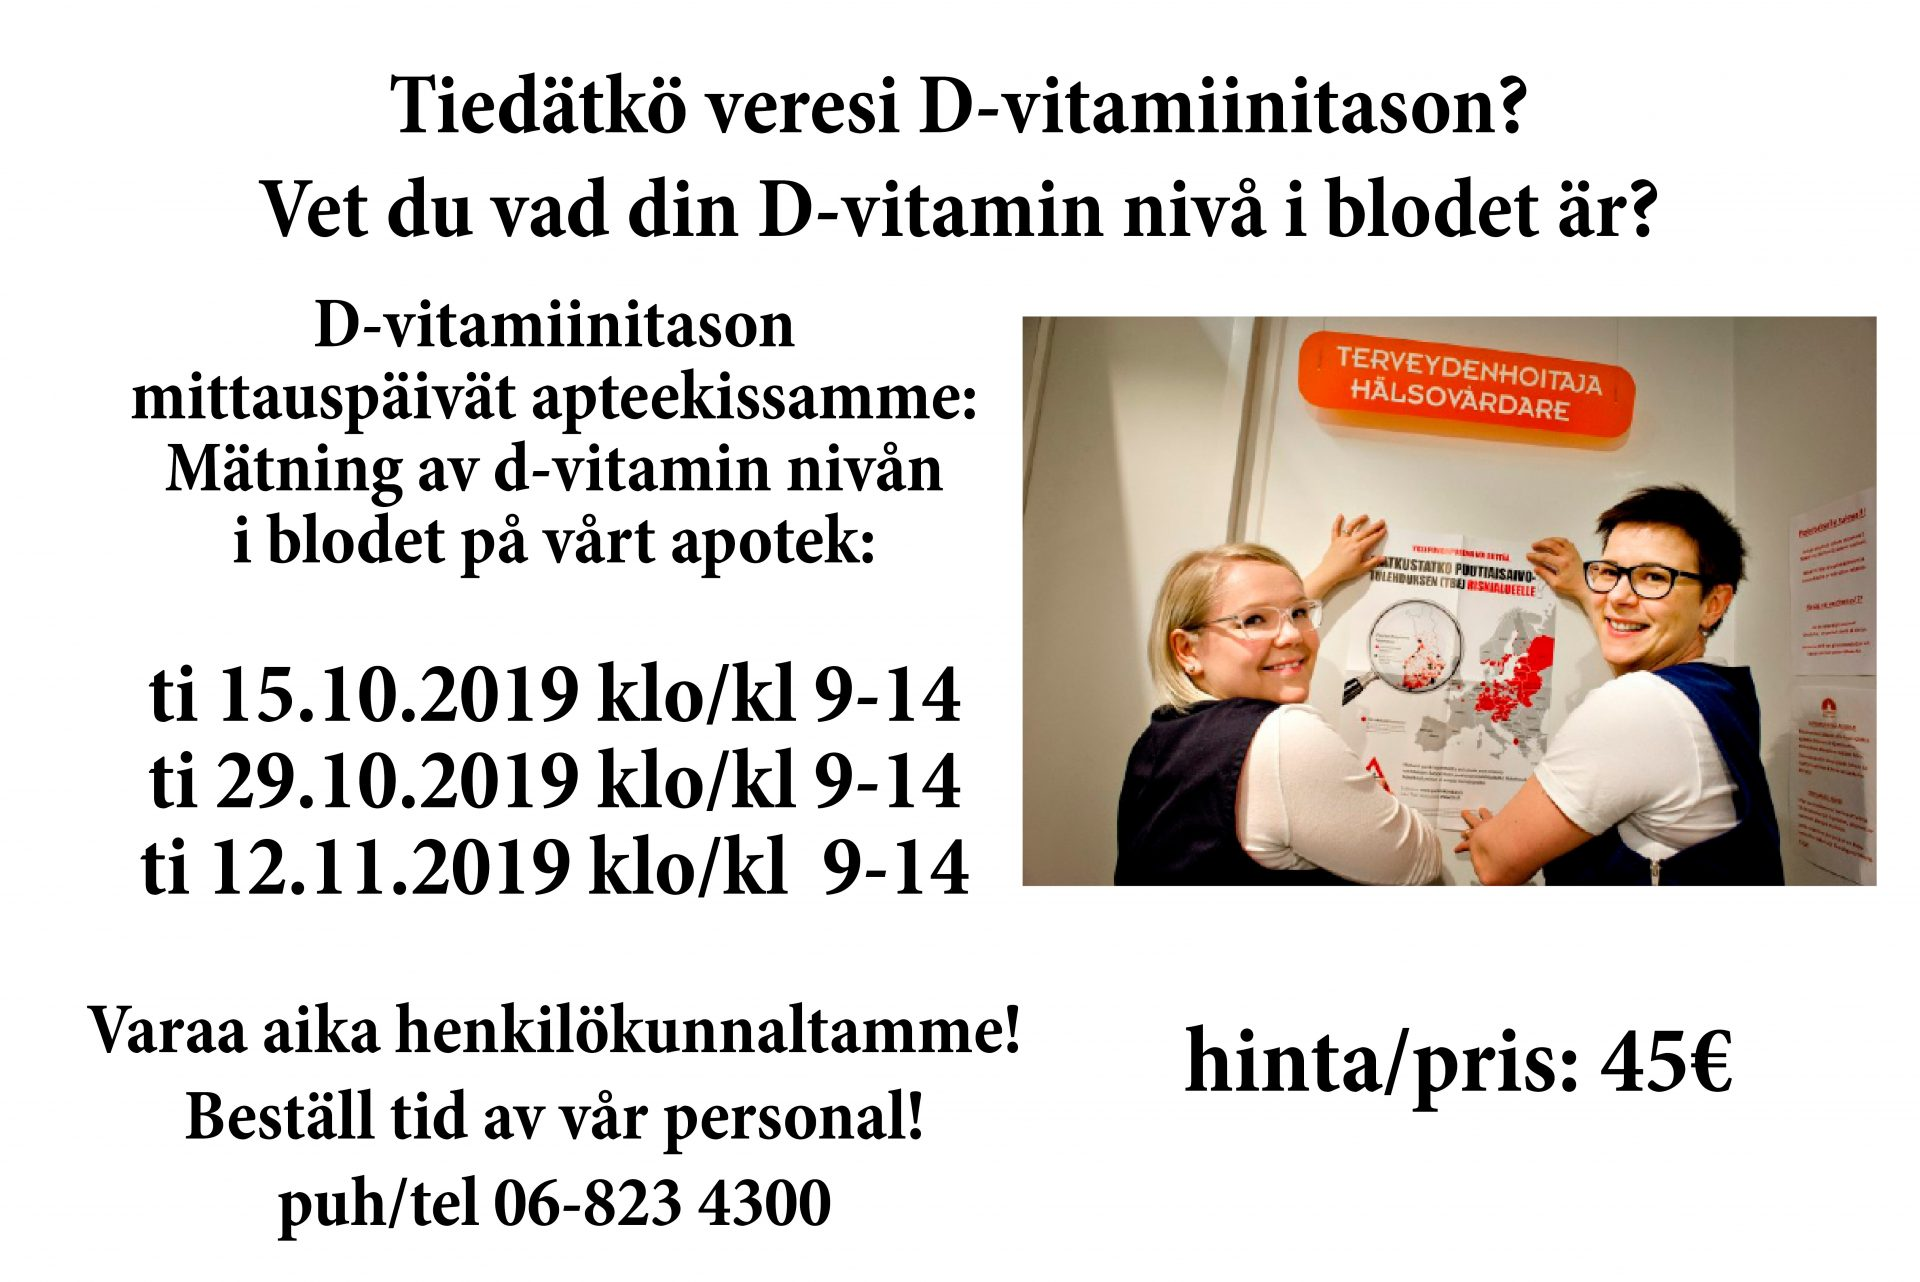 d-vitamiinikotisivu